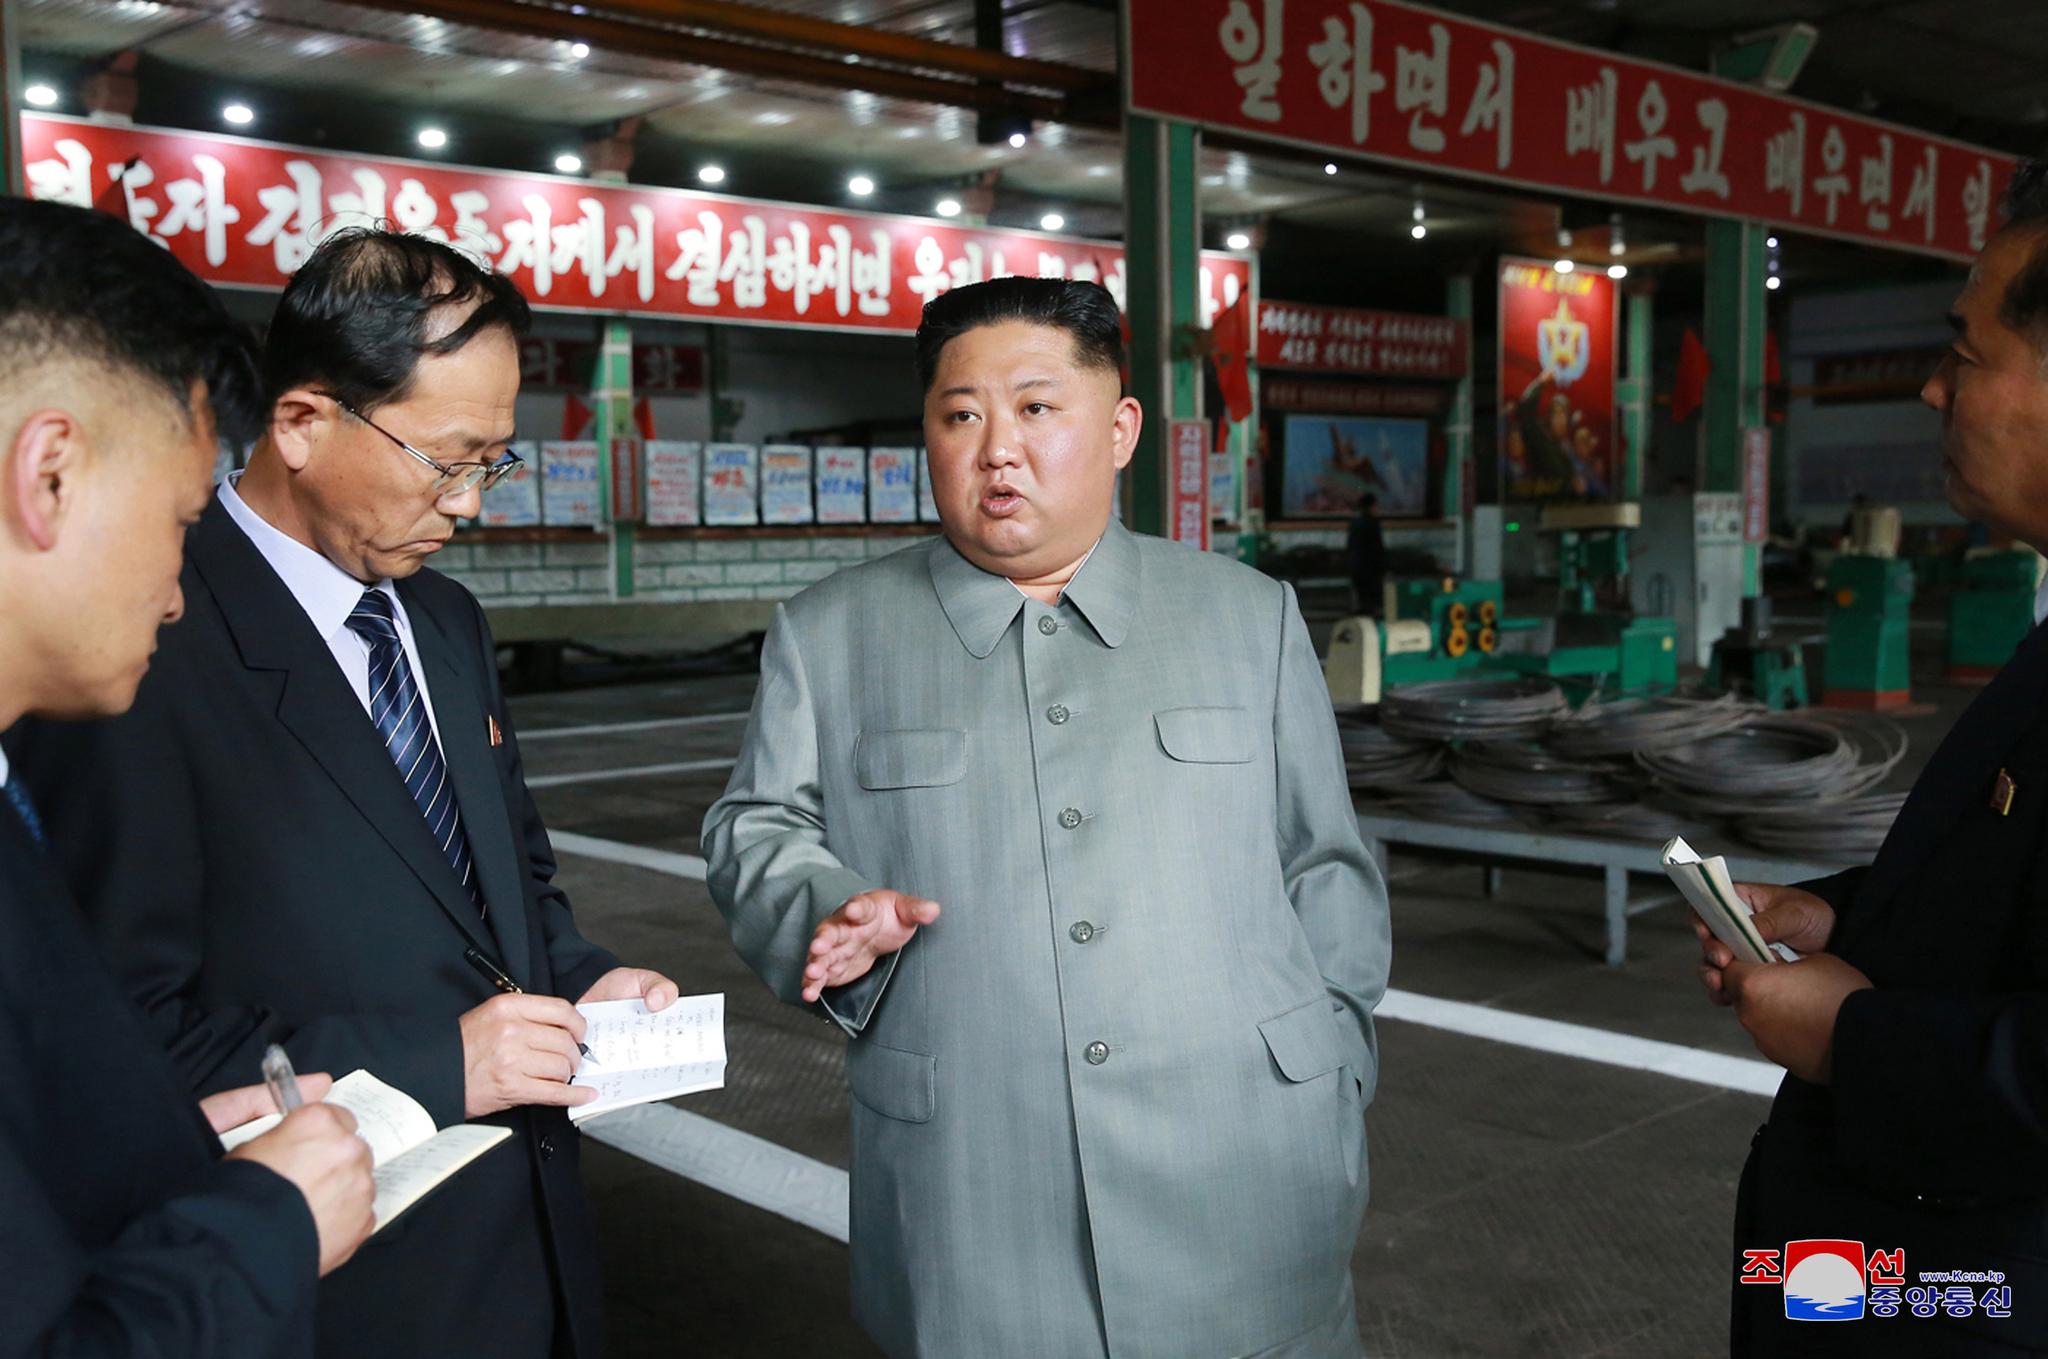 김정은 북한 국무위원장이 강계트랙터 종합공장을 시찰했다고 조선중앙통신이 1일 보도했다. 김정은 북한 국무위원장이 지난달 9일 단거리 미사일 발사 참관 이후 23일만에 공개활동에 나섰다. [조선중앙통신=연합뉴스]